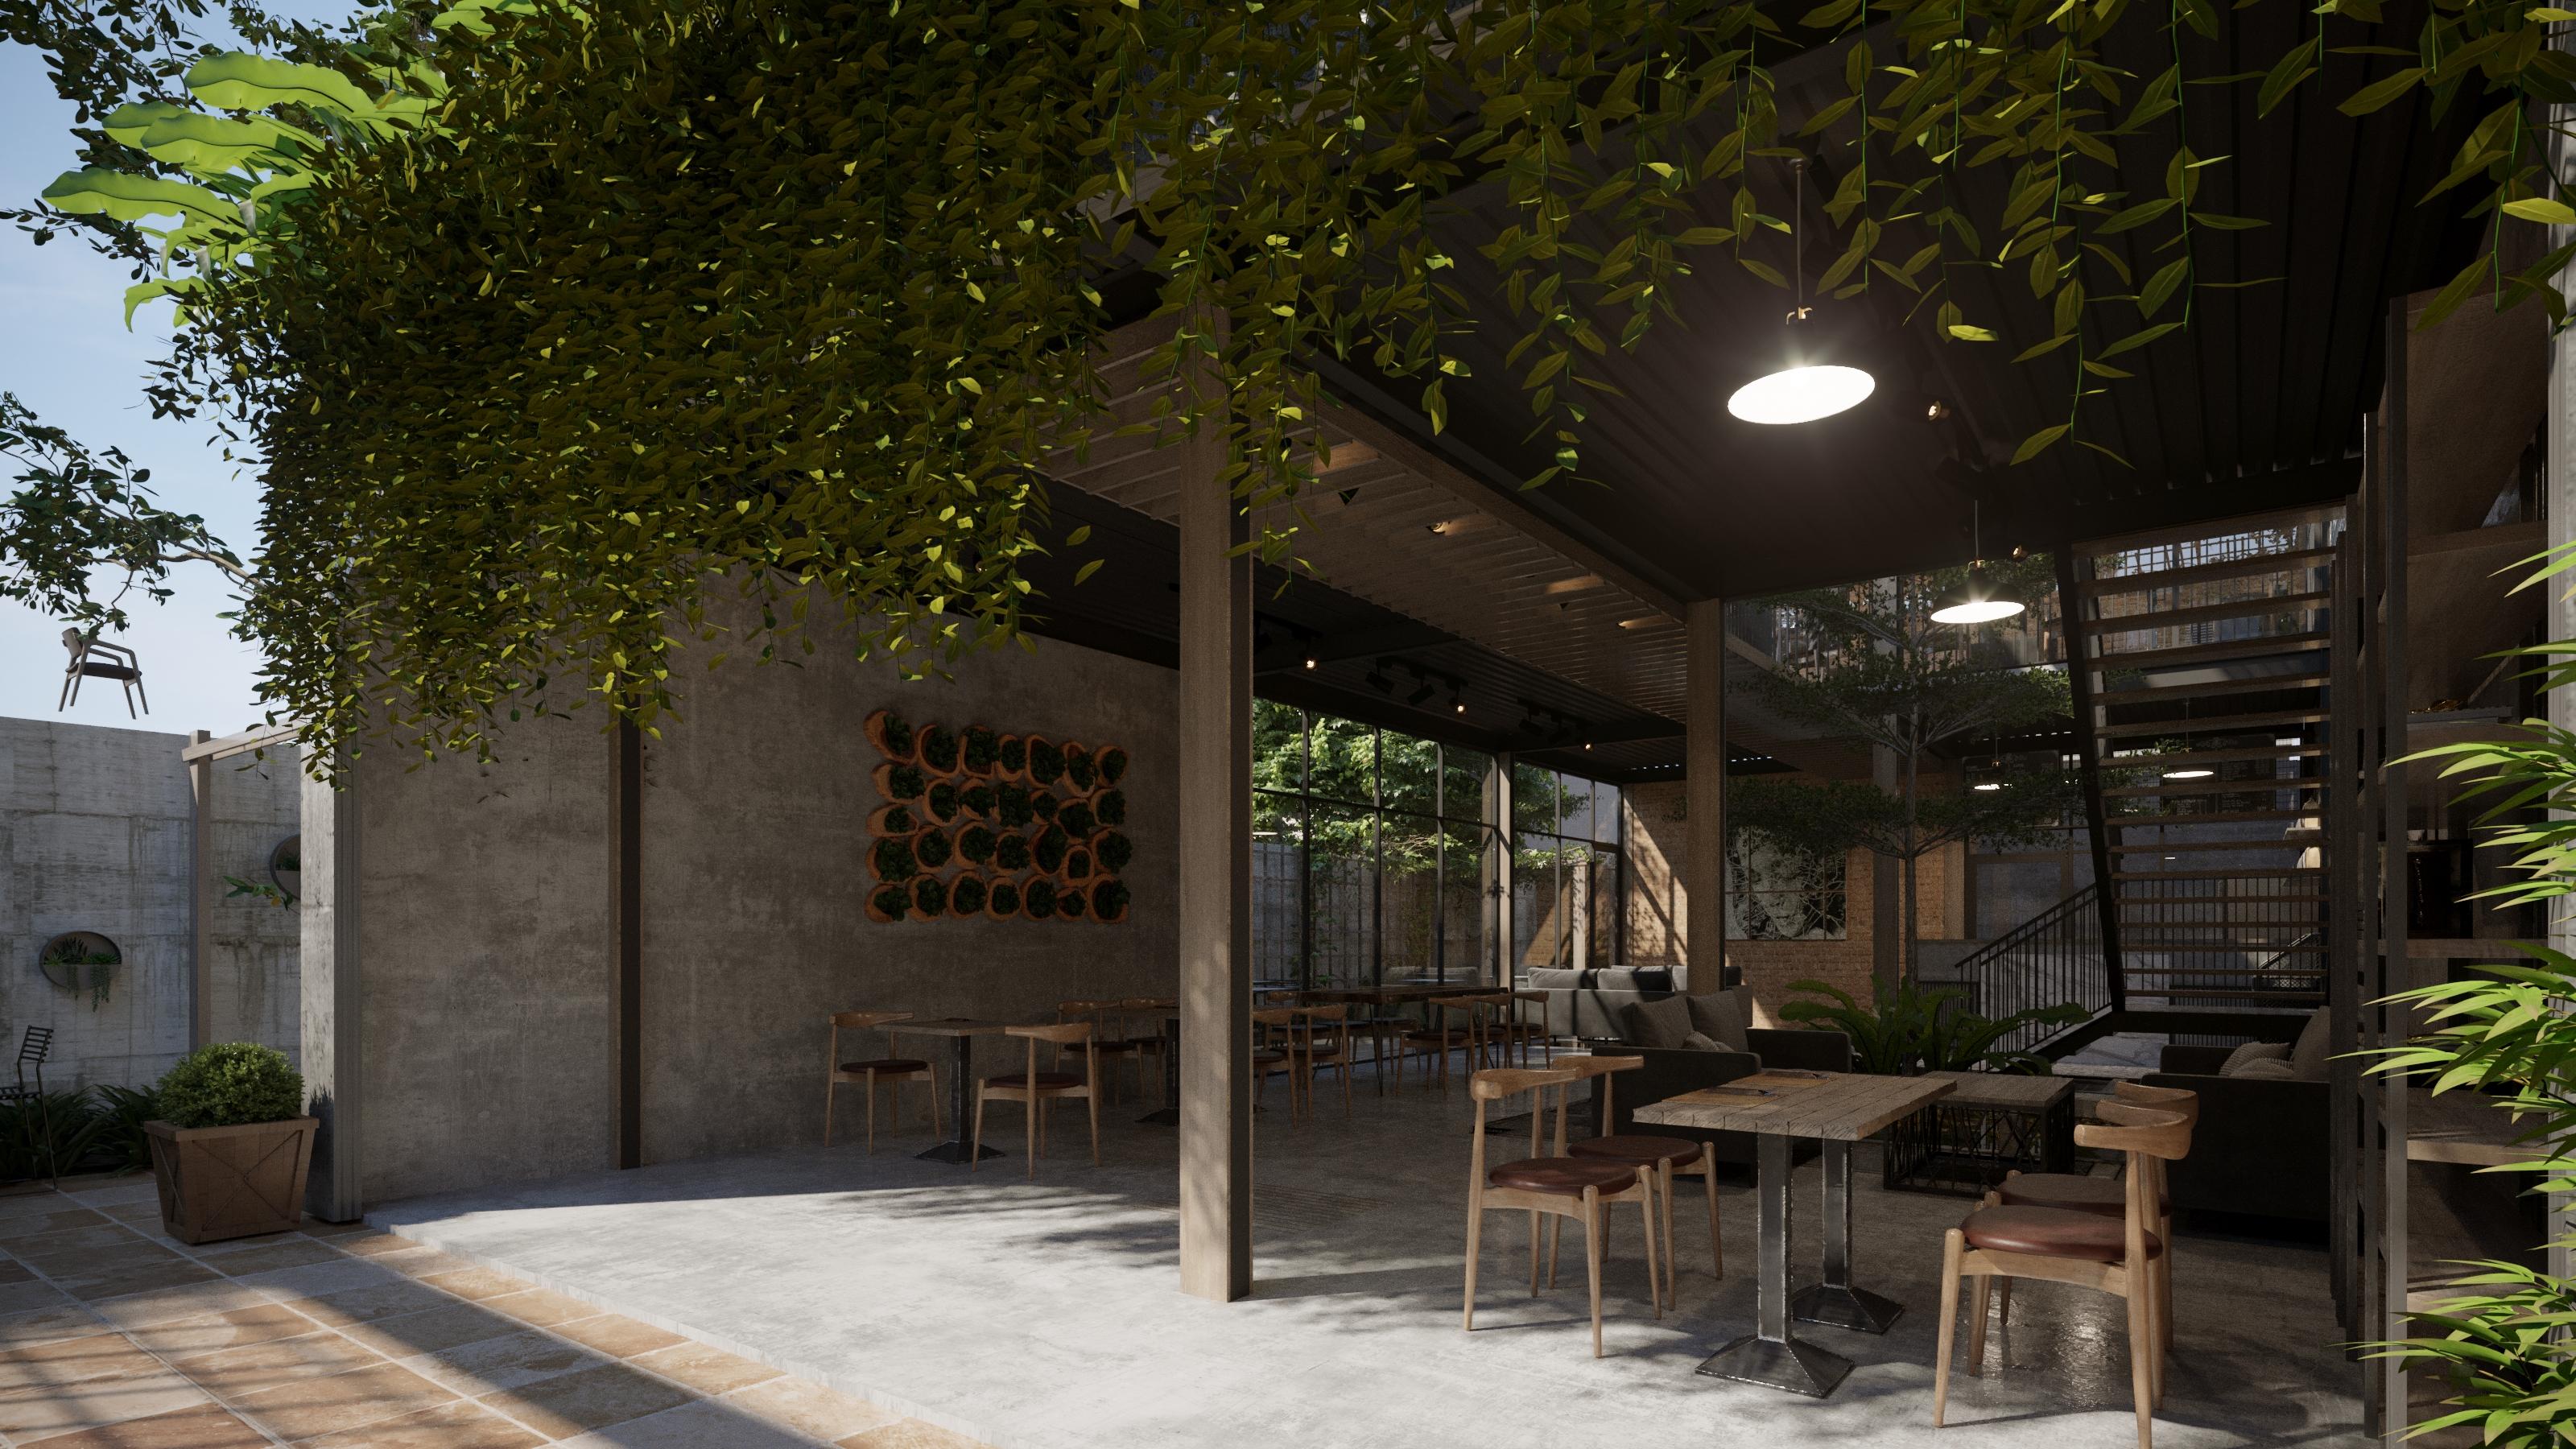 thiết kế nội thất Cafe tại Hồ Chí Minh COFFEE HOUSE 6 1565795213